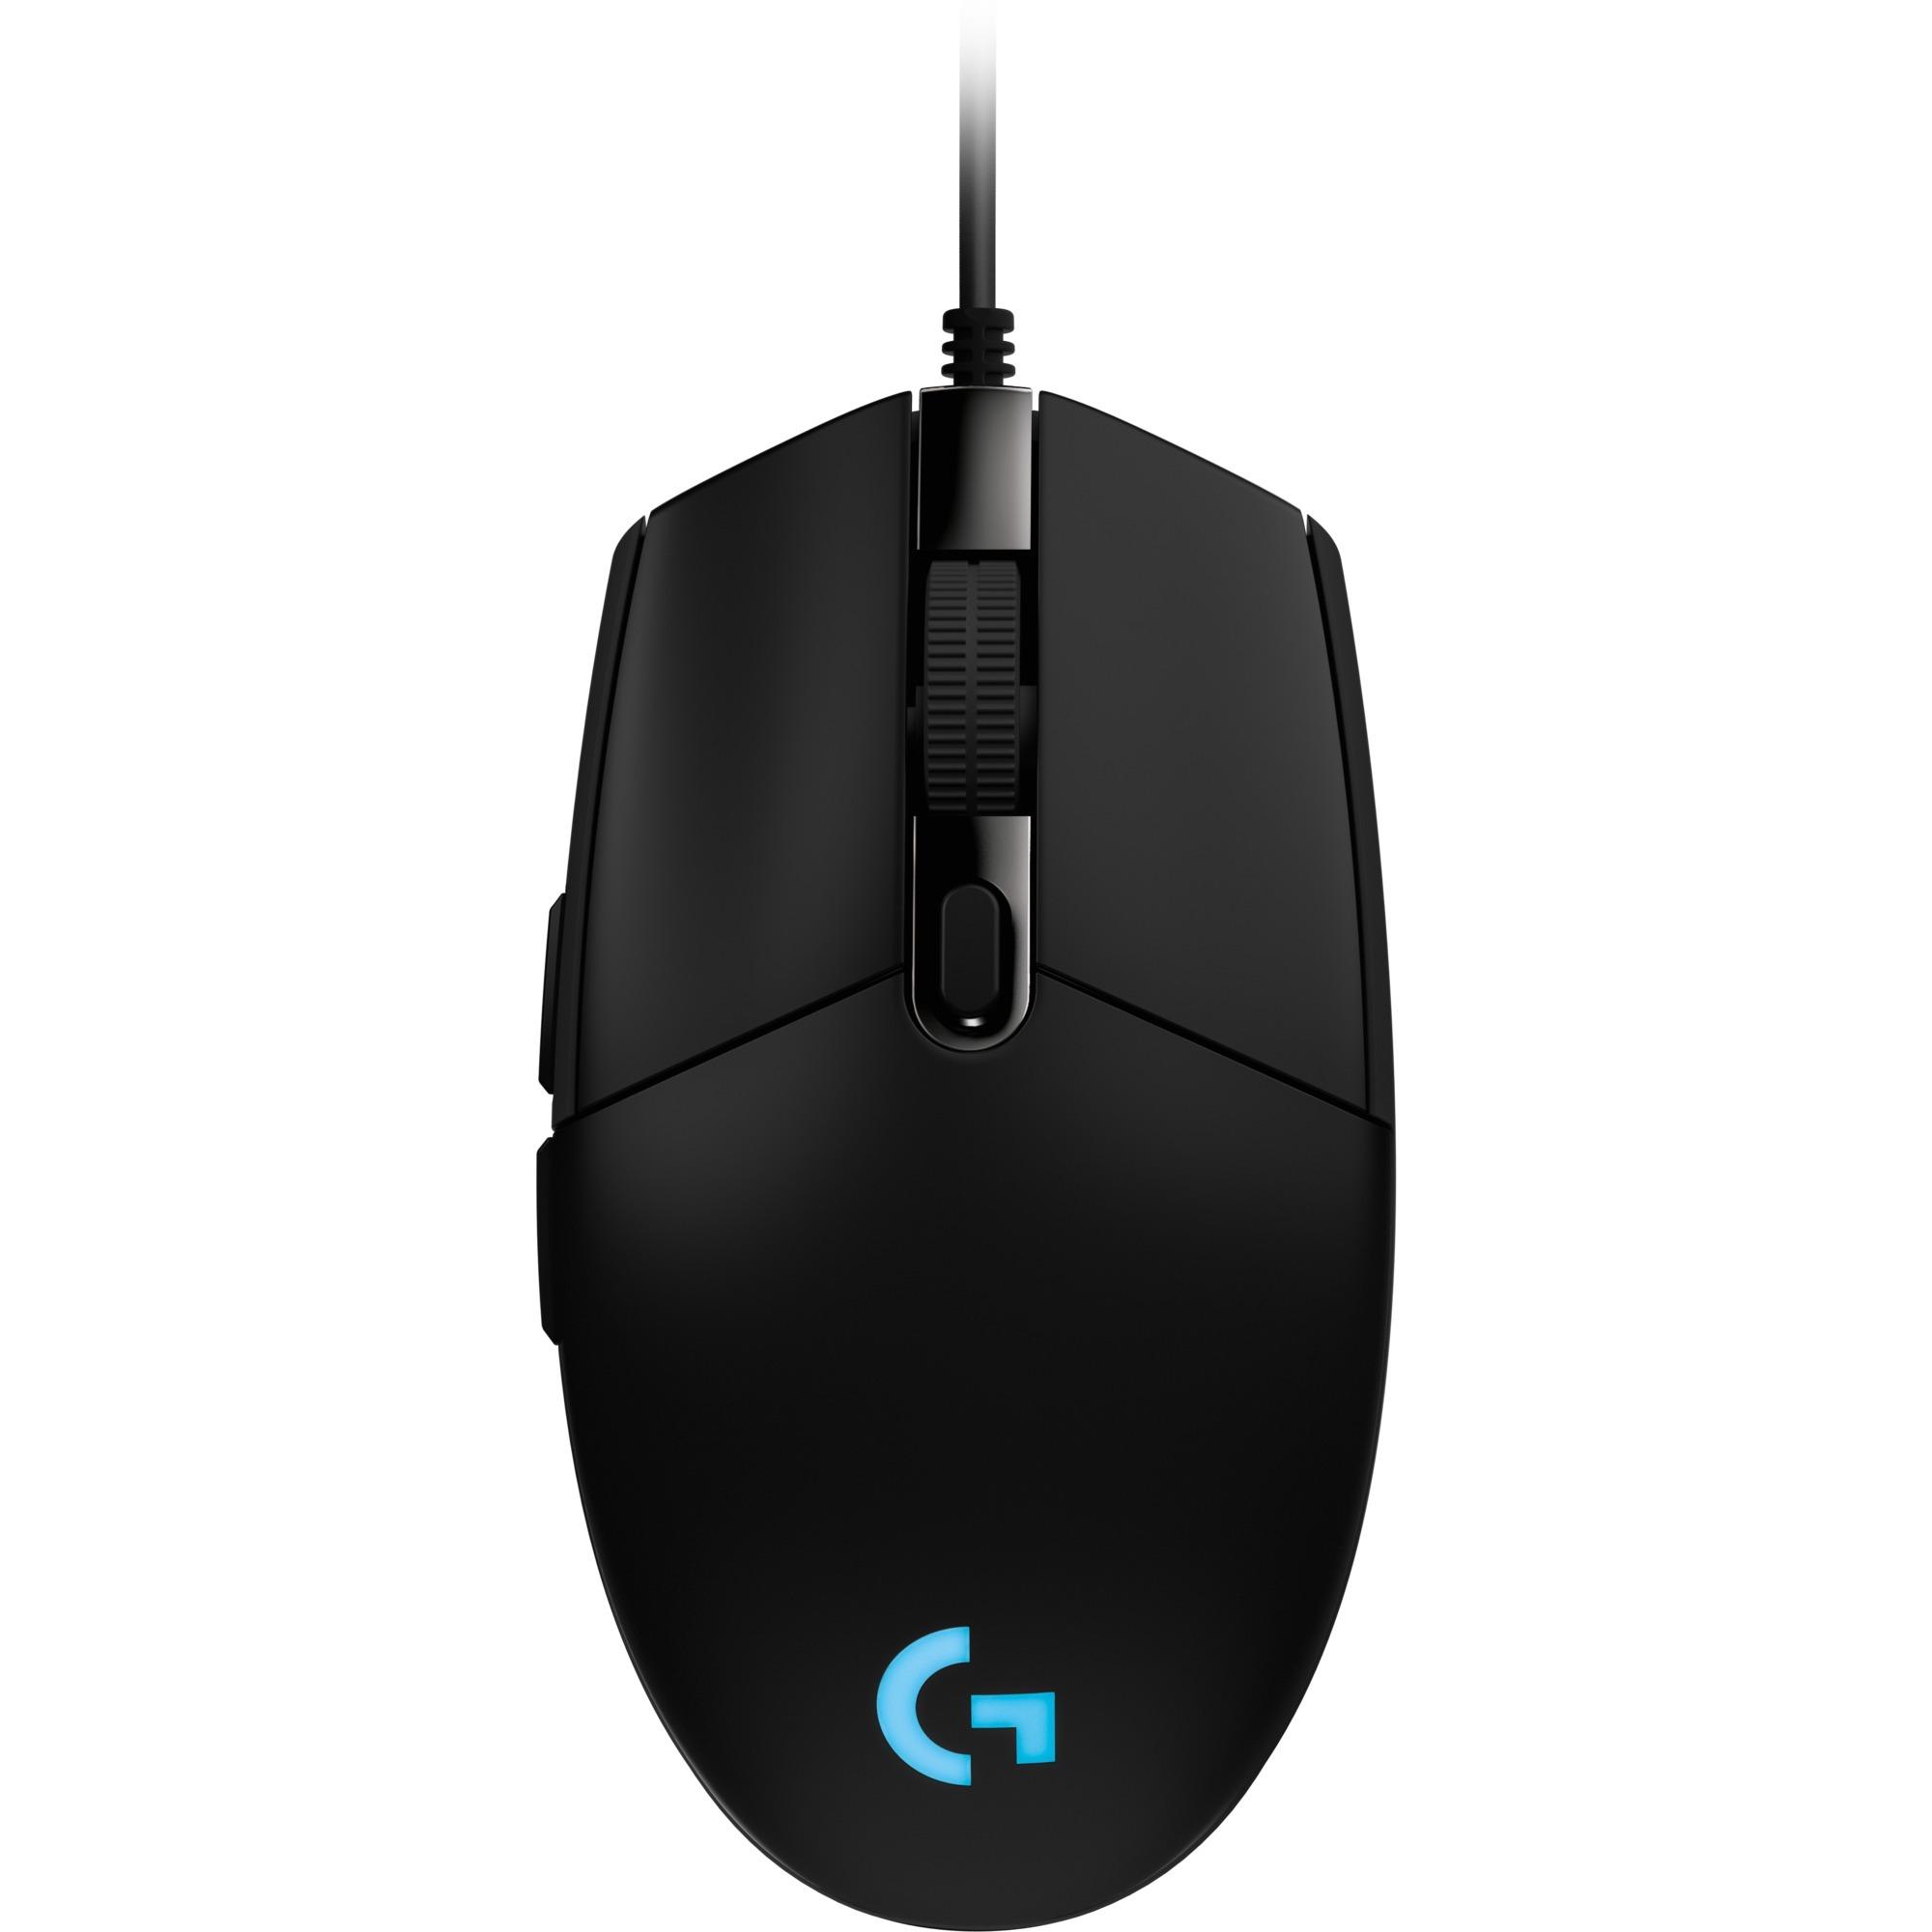 G203 Prodigy ratón USB 6000 DPI Negro